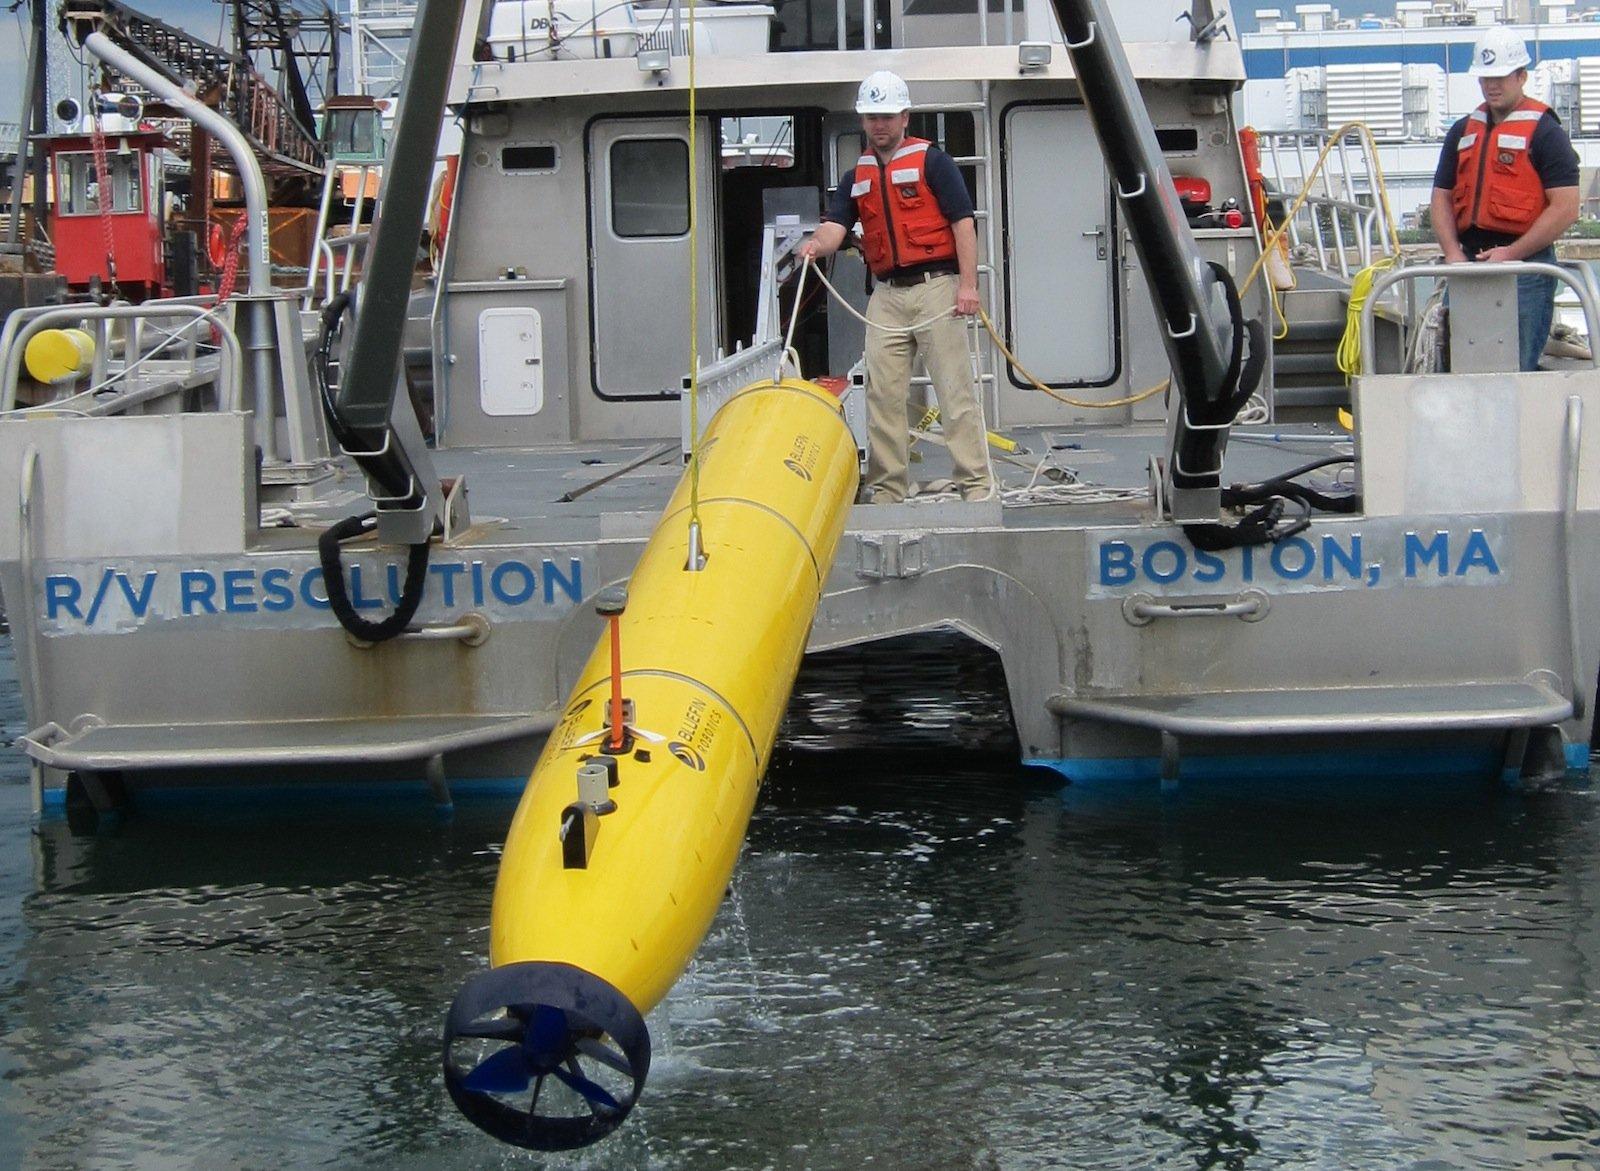 Das U-Boot ist fünf Meter lang, hat einen Durchmesser von 53 Zentimetern und wiegt rund 750 Kilogramm.